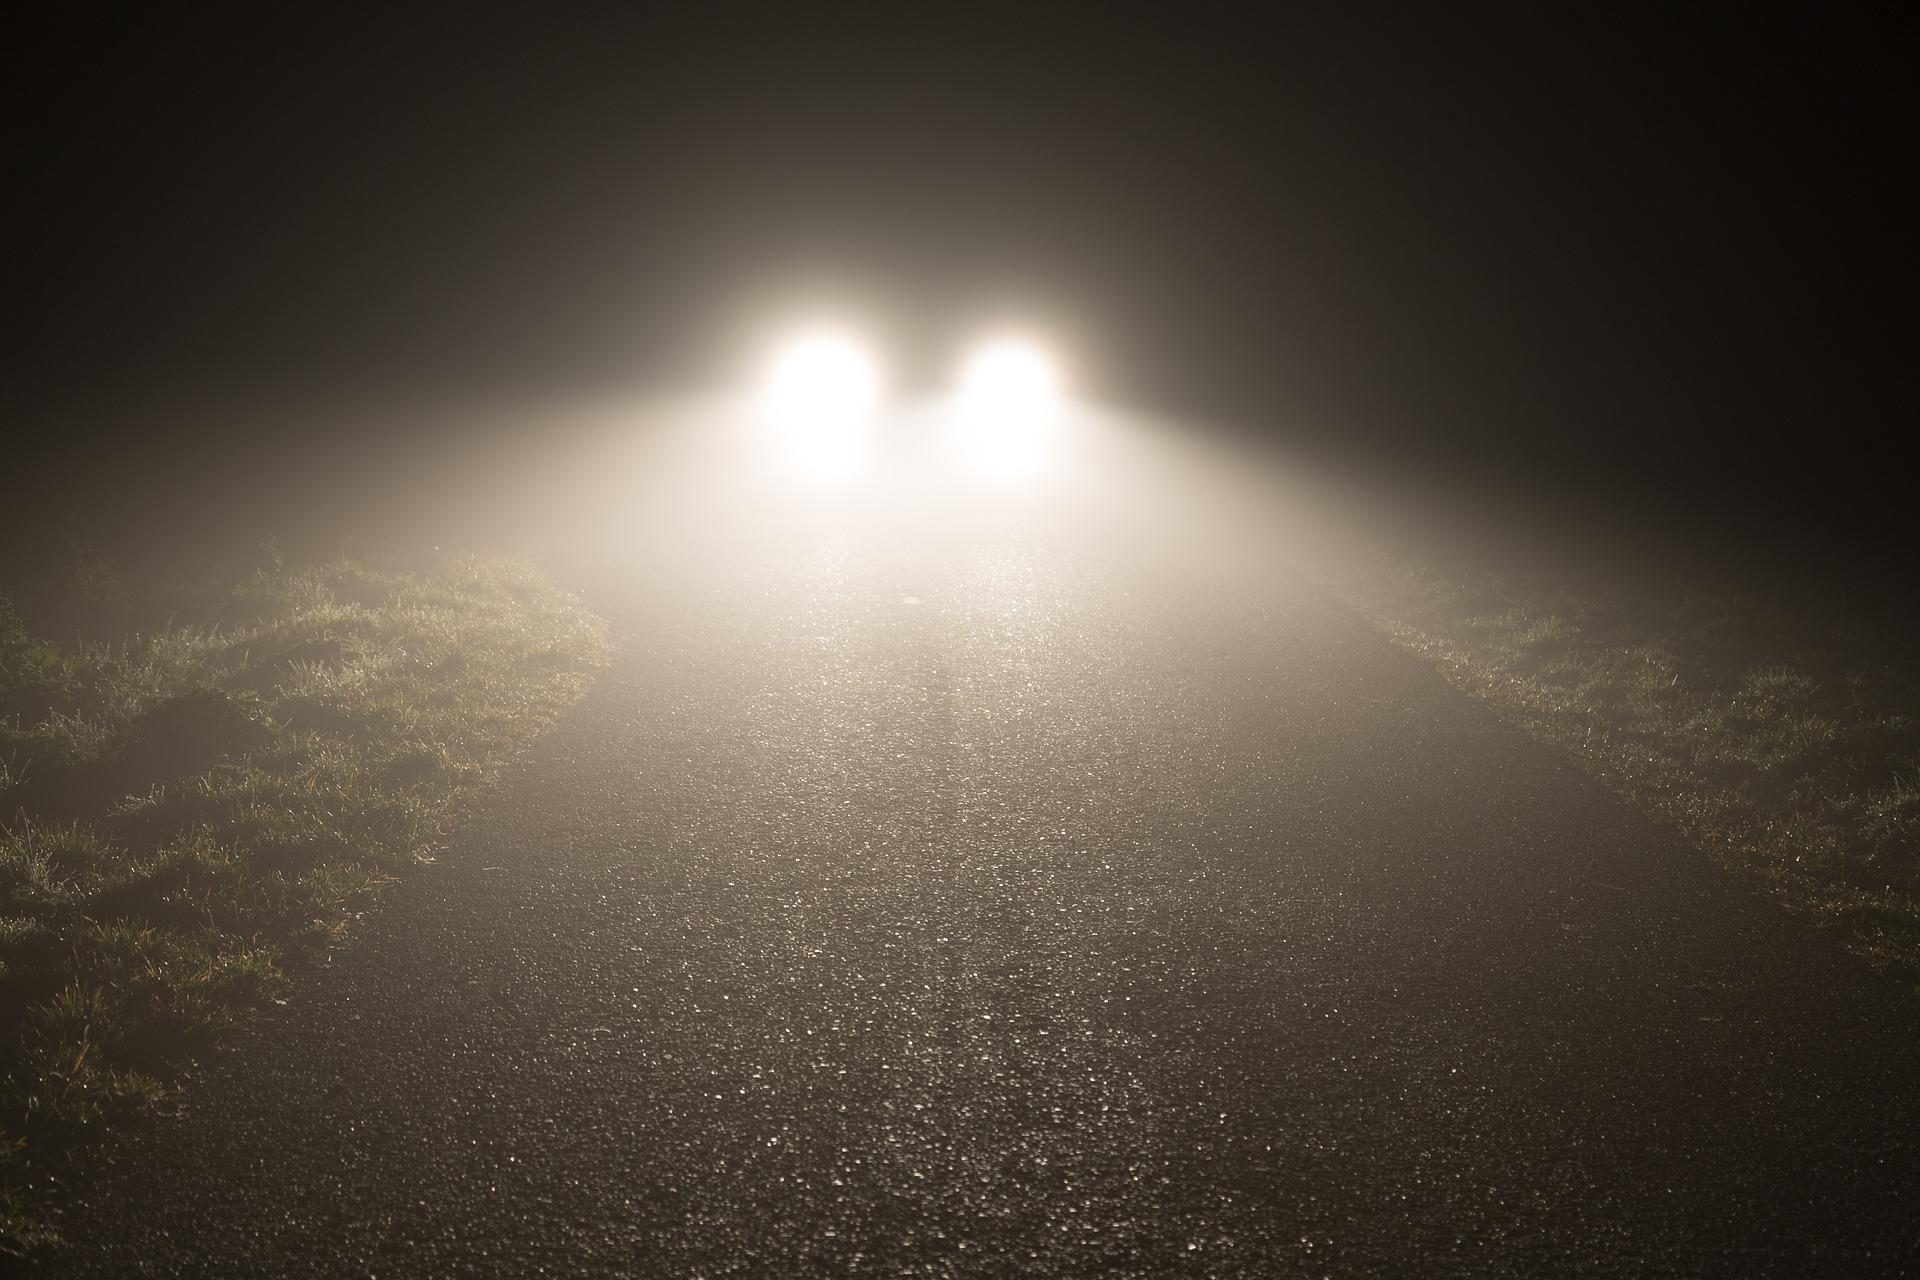 samochód oświetlający drogę w nocy